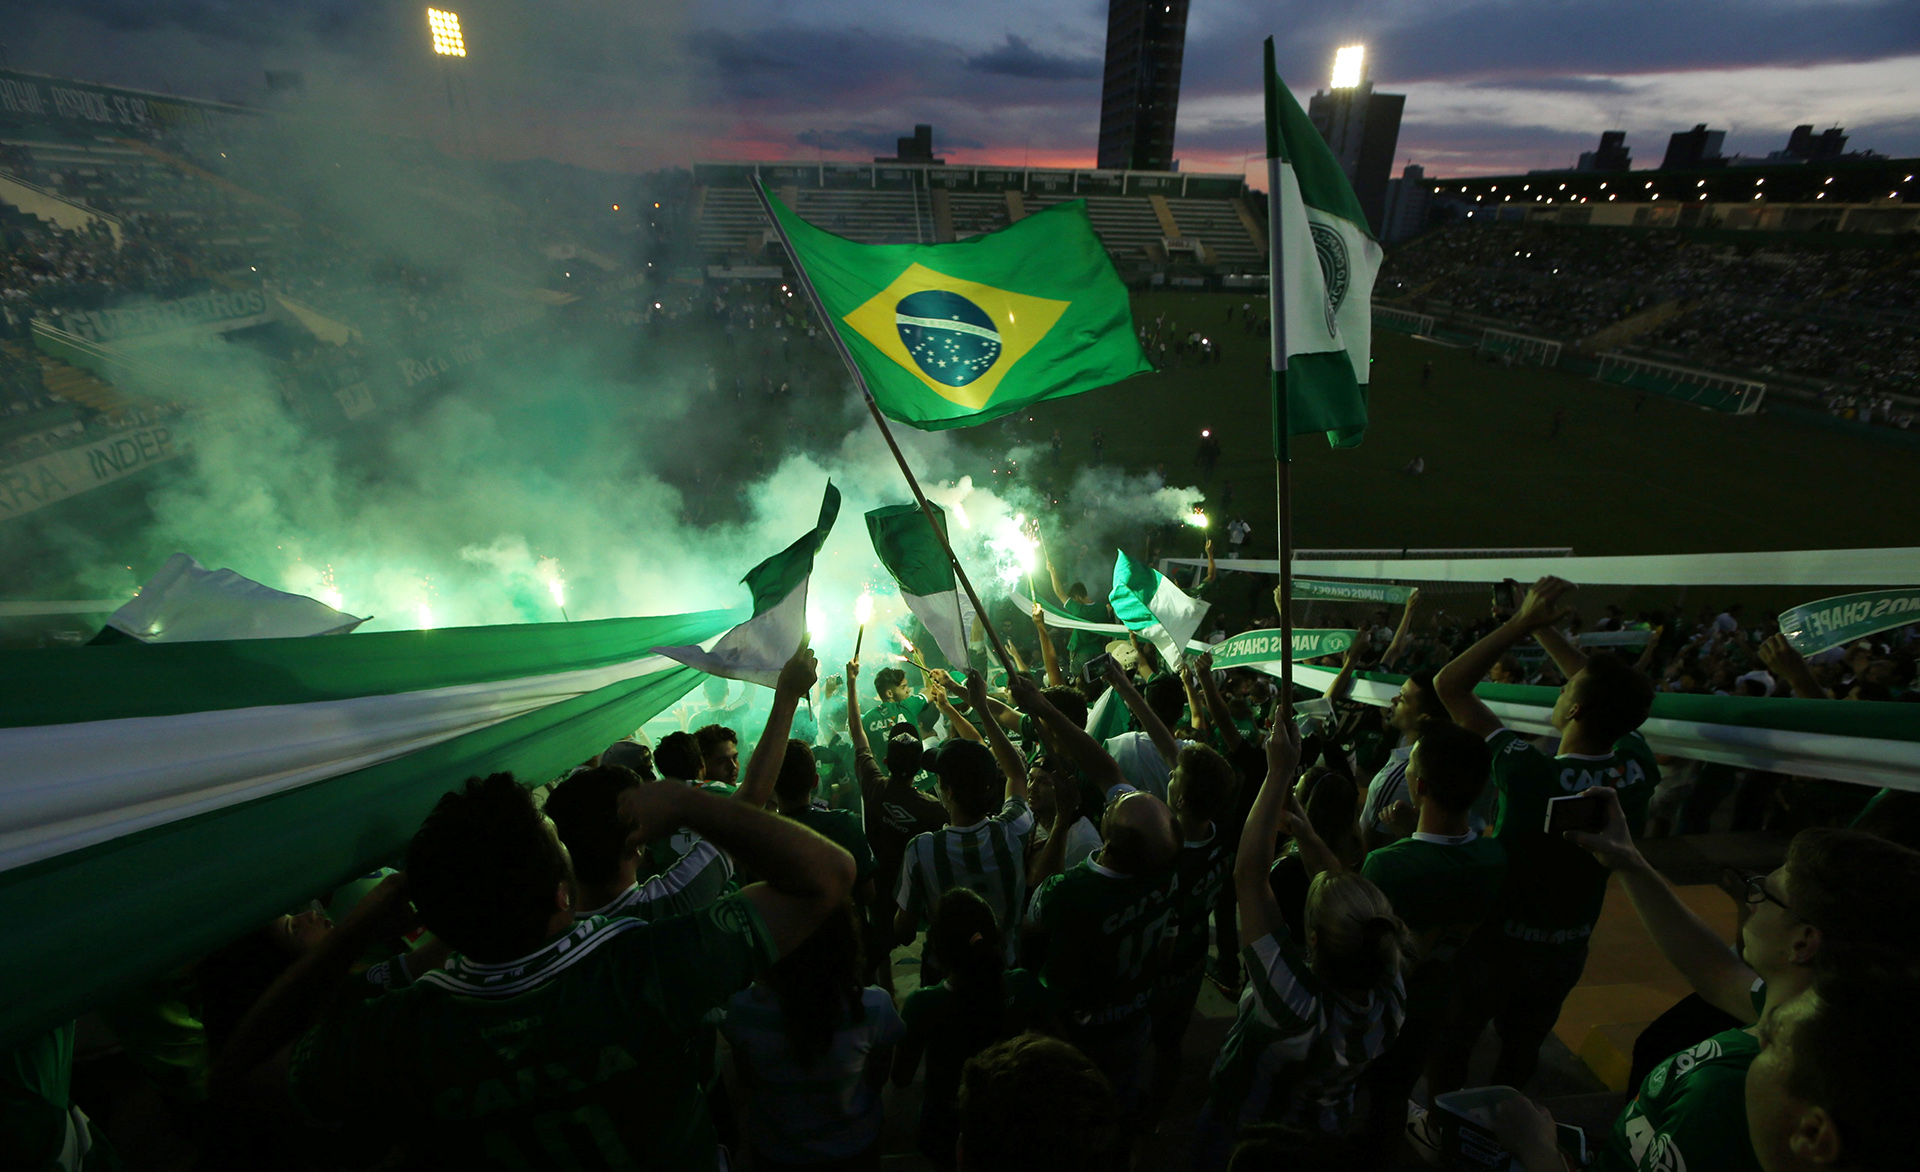 La bandera de Brasil flameando en una de las tribunas del estadio